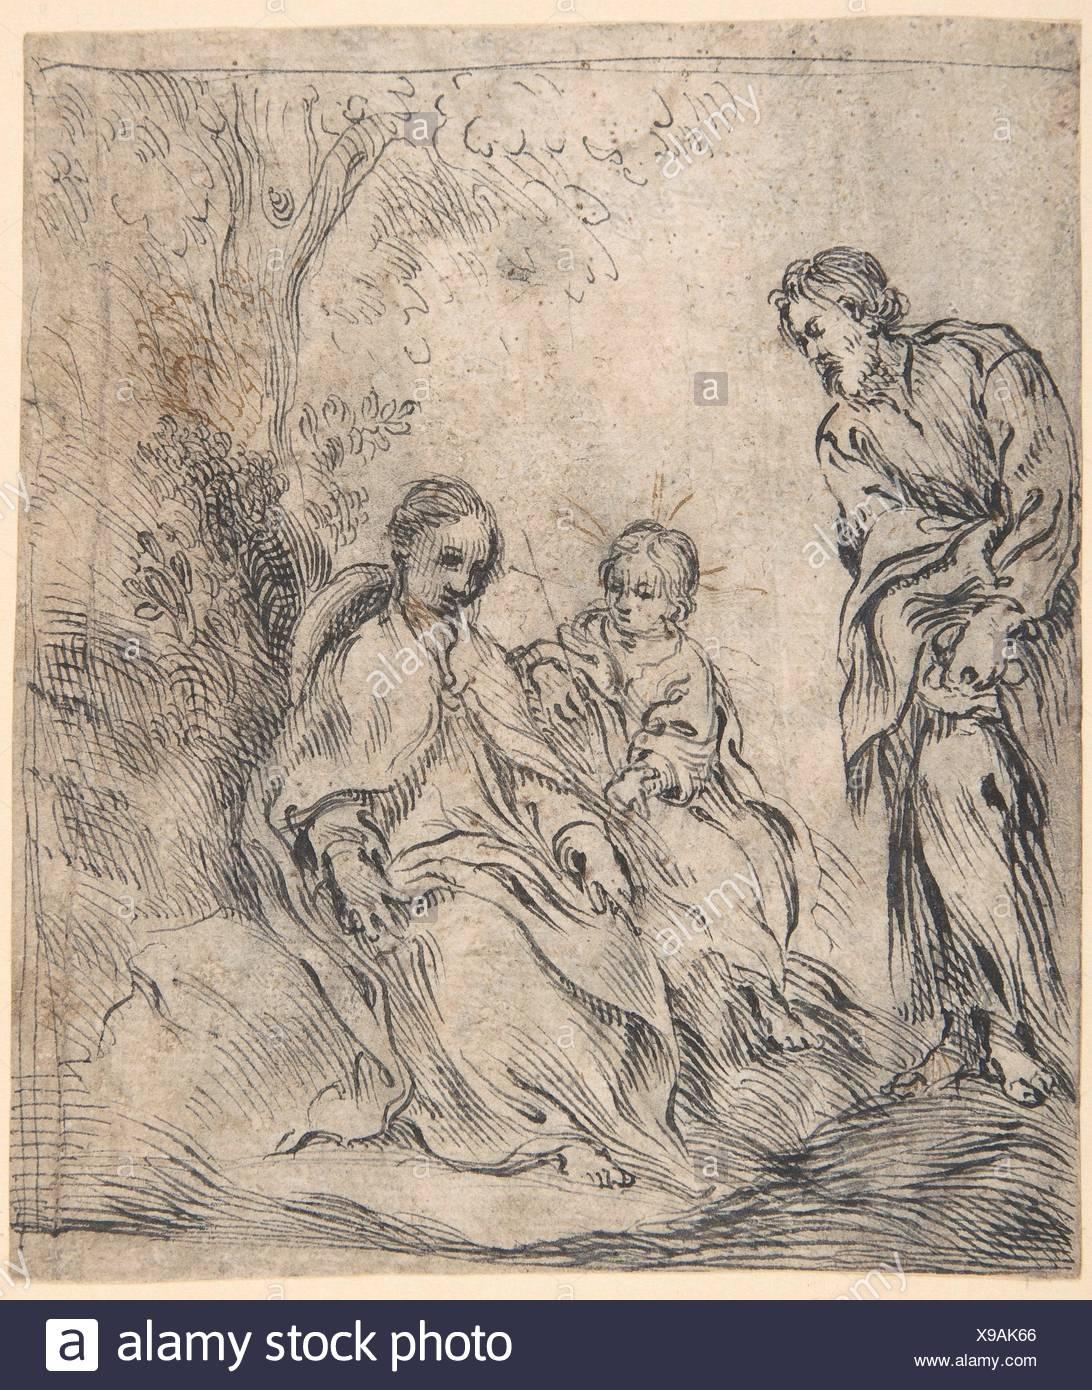 Die Jugendliche Täufer mit seinen Eltern. Artist:, Antonio del Castillo y Saavedra (Spanisch, Cordoba Cordoba 1616-1668); Datum: 1616-68 zugeschrieben; Stockbild